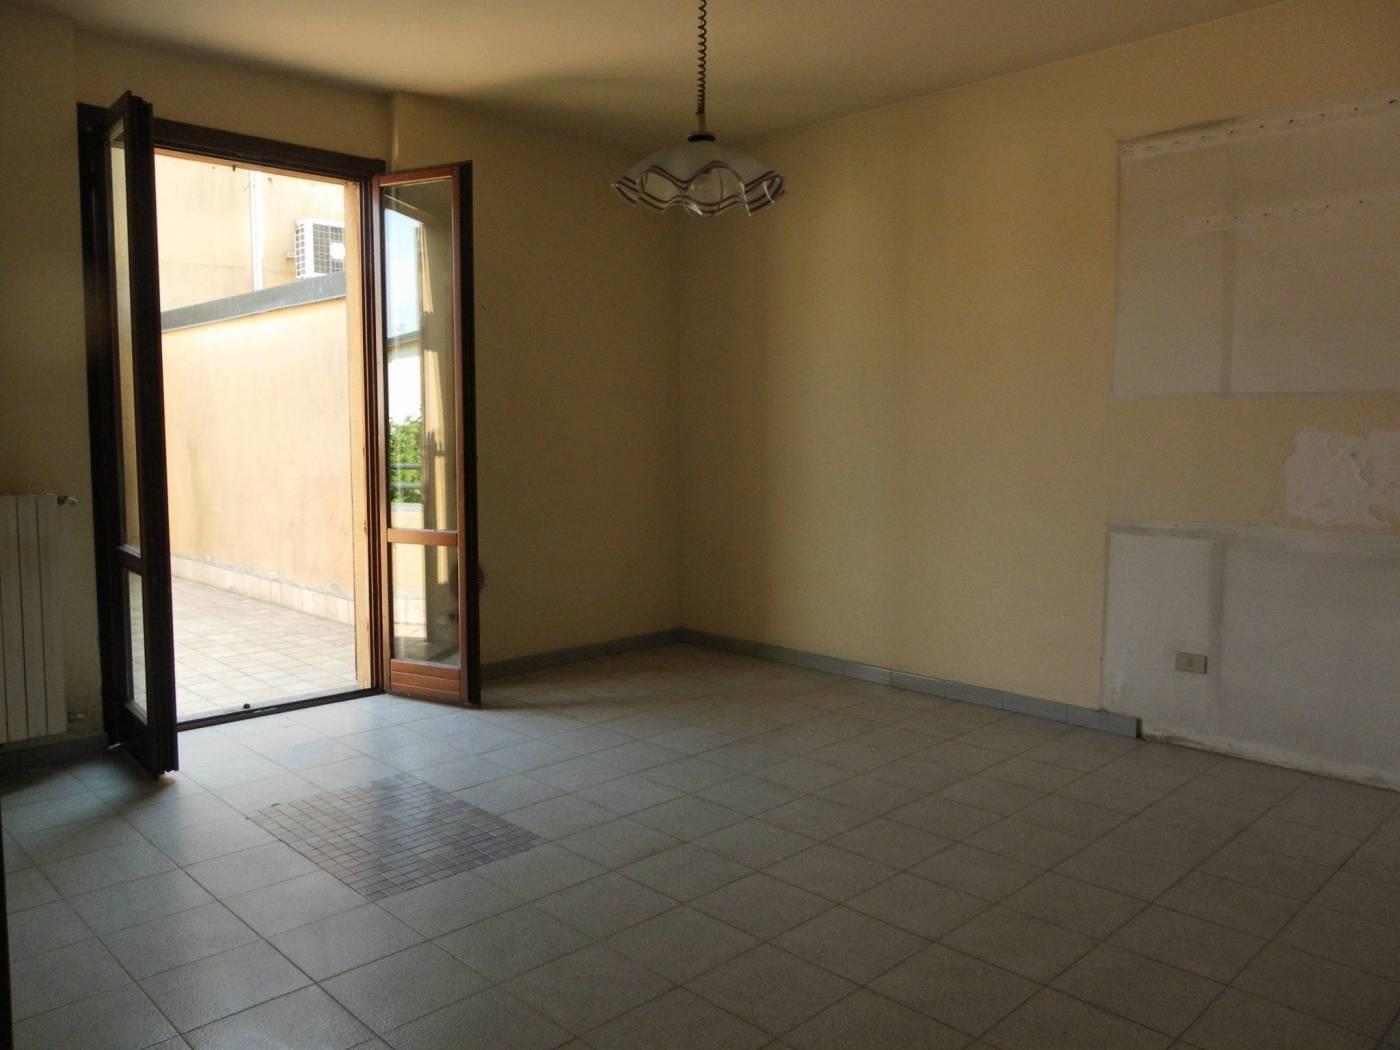 Foto 7 - Appartamento in Vendita - Mezzago (Monza e Brianza)